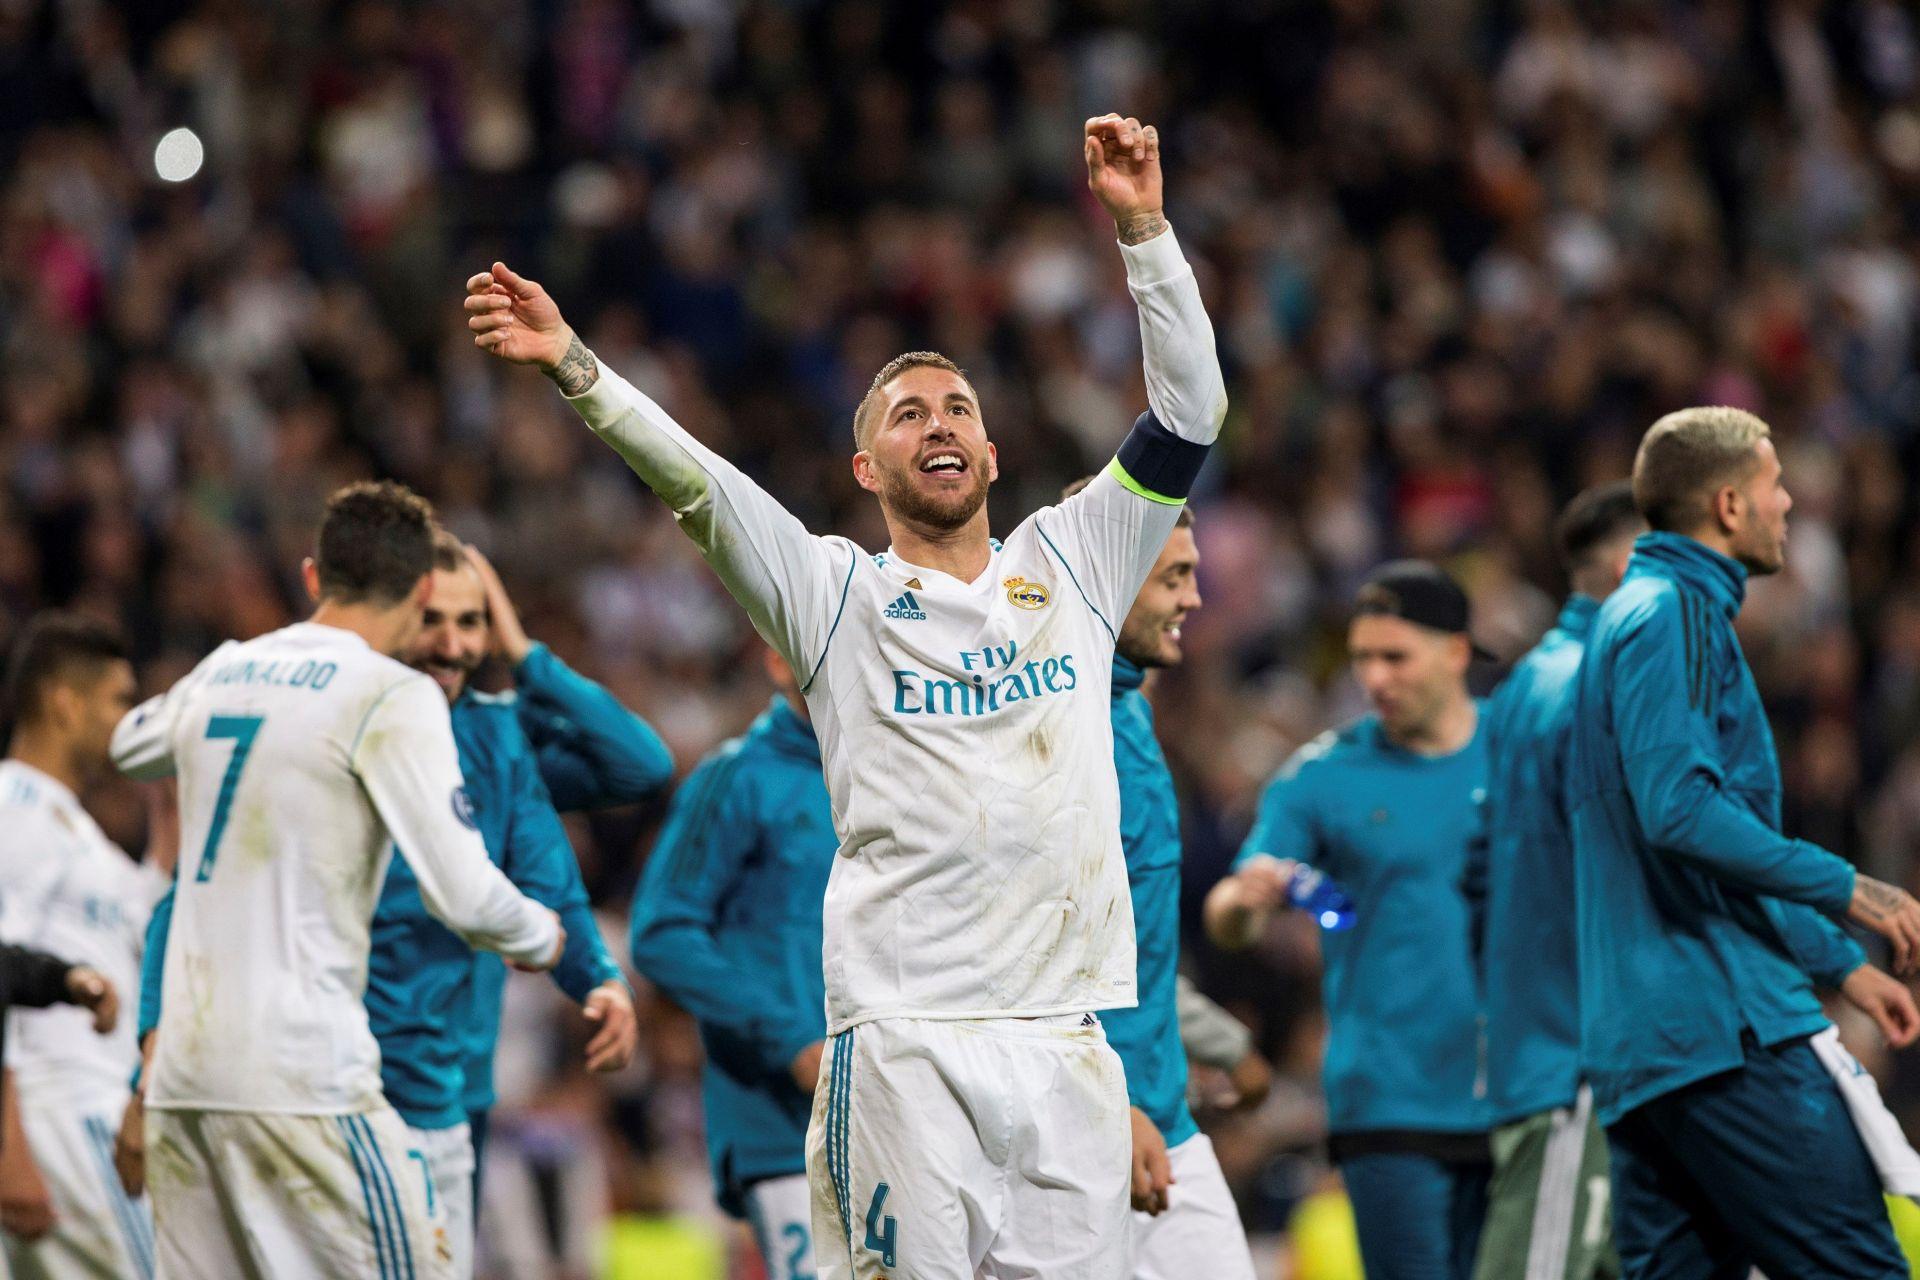 El capitán del Real Madrid Sergio Ramos celebra la clasificación para la final